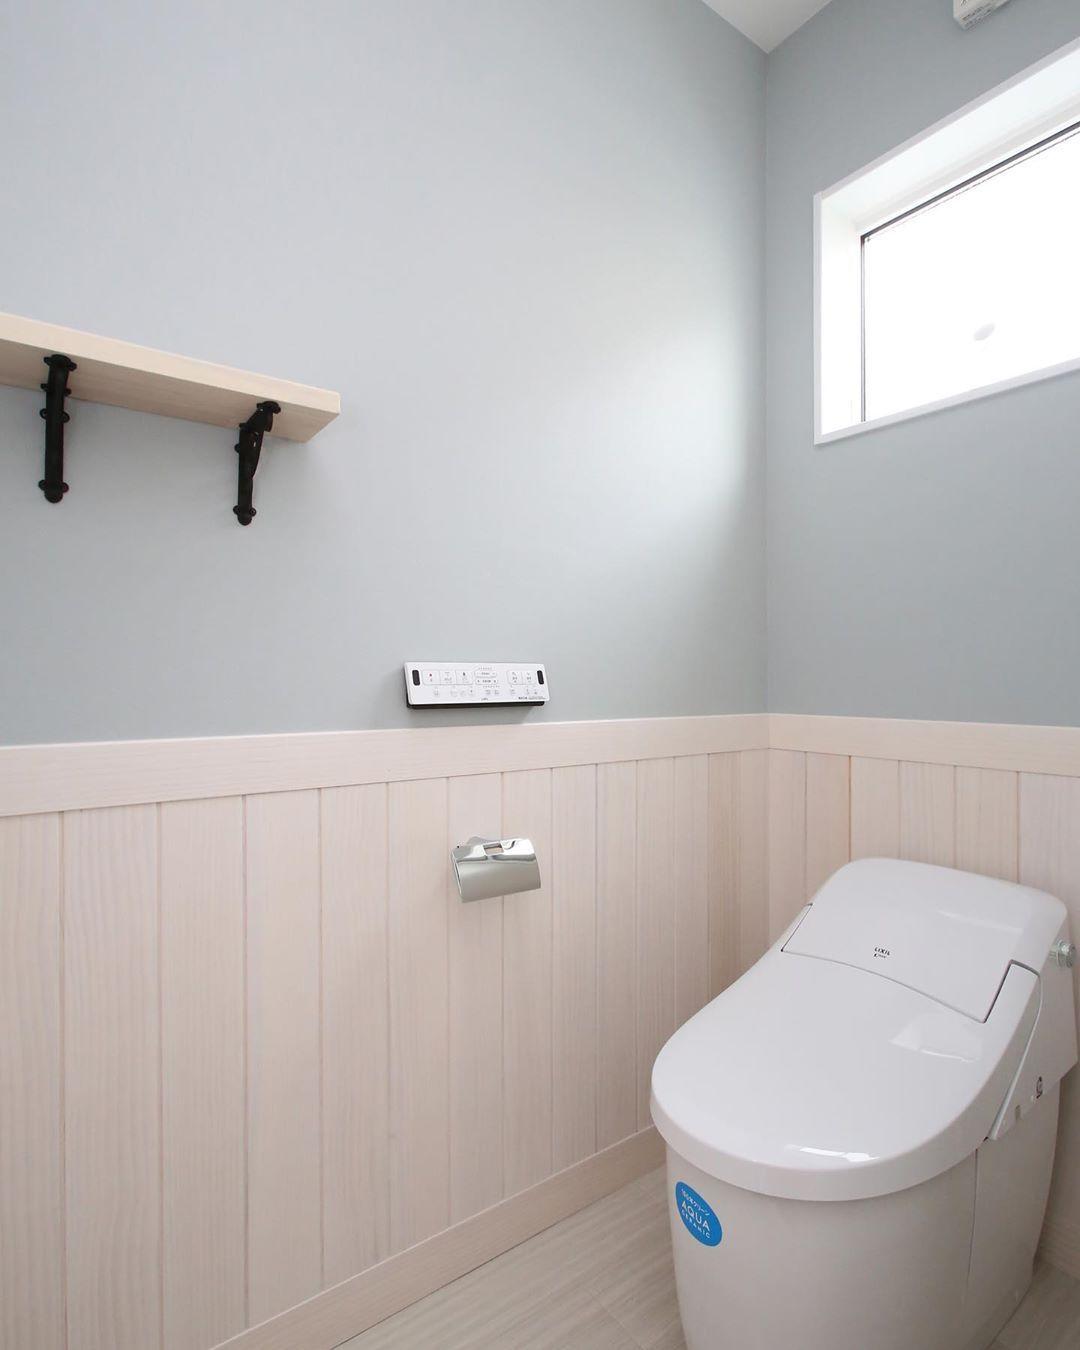 色調を合わせることによって統一感も生まれます くもりガラスを使用した窓から光が入り 明るく可愛らしいトイレに トイレ 腰壁 カントリー タンクレス 壁 家